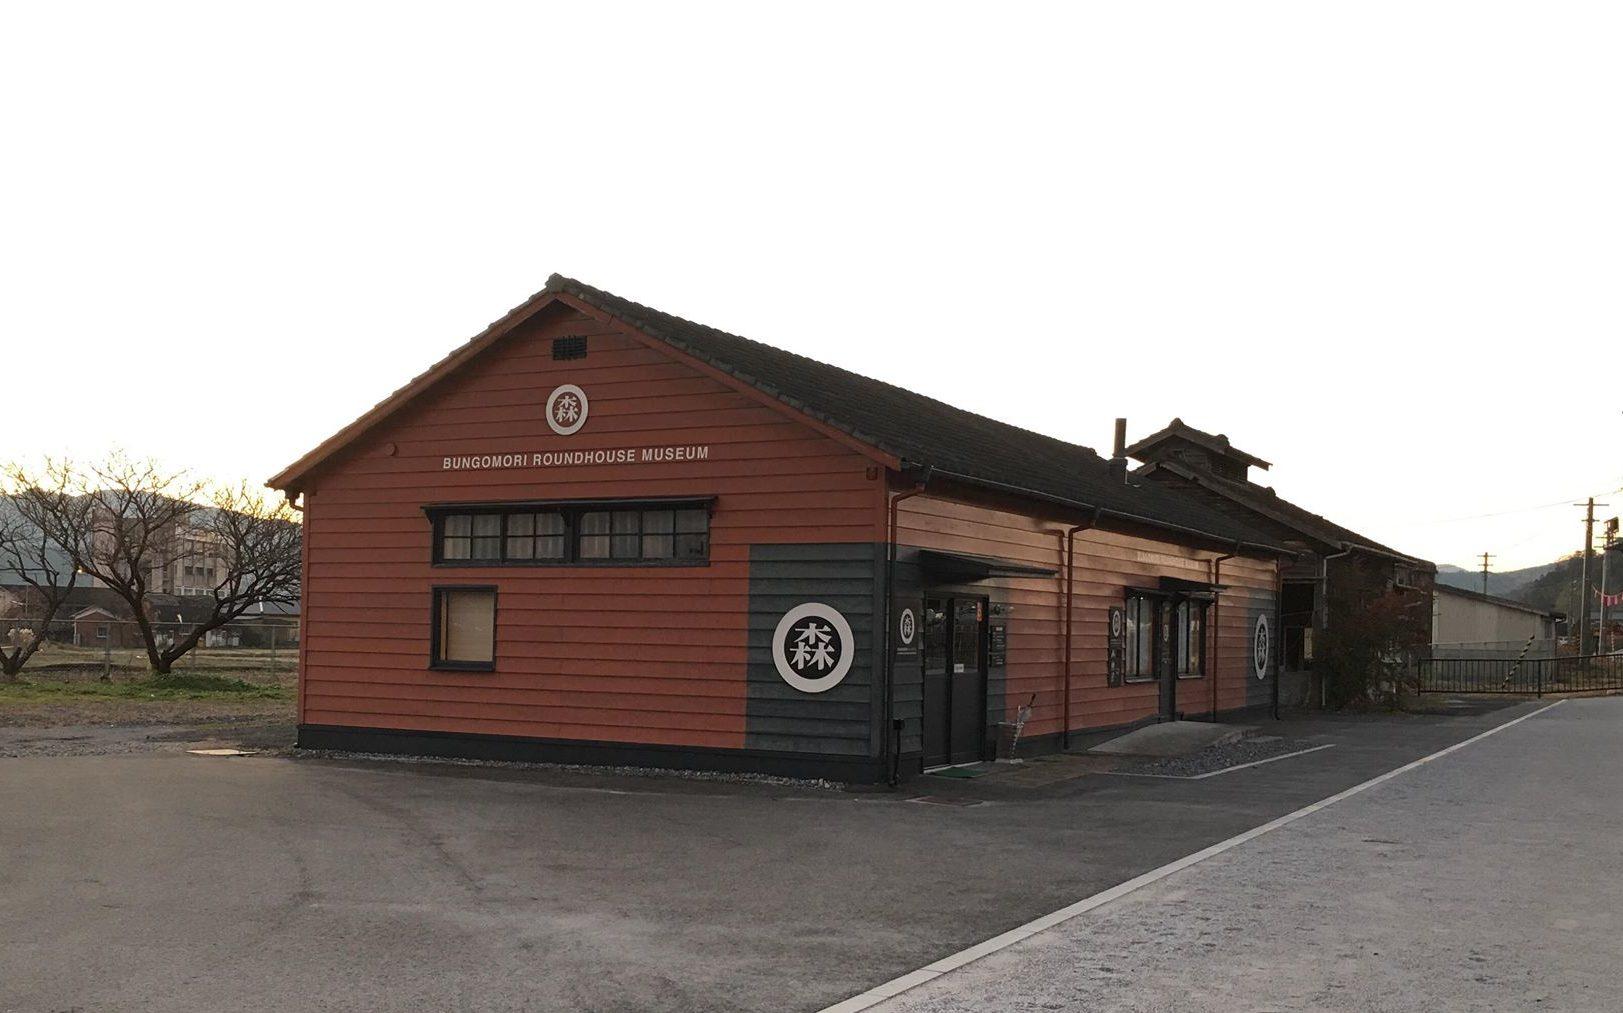 豊後森機関庫ミュージアムの最寄駅 電源カフェ